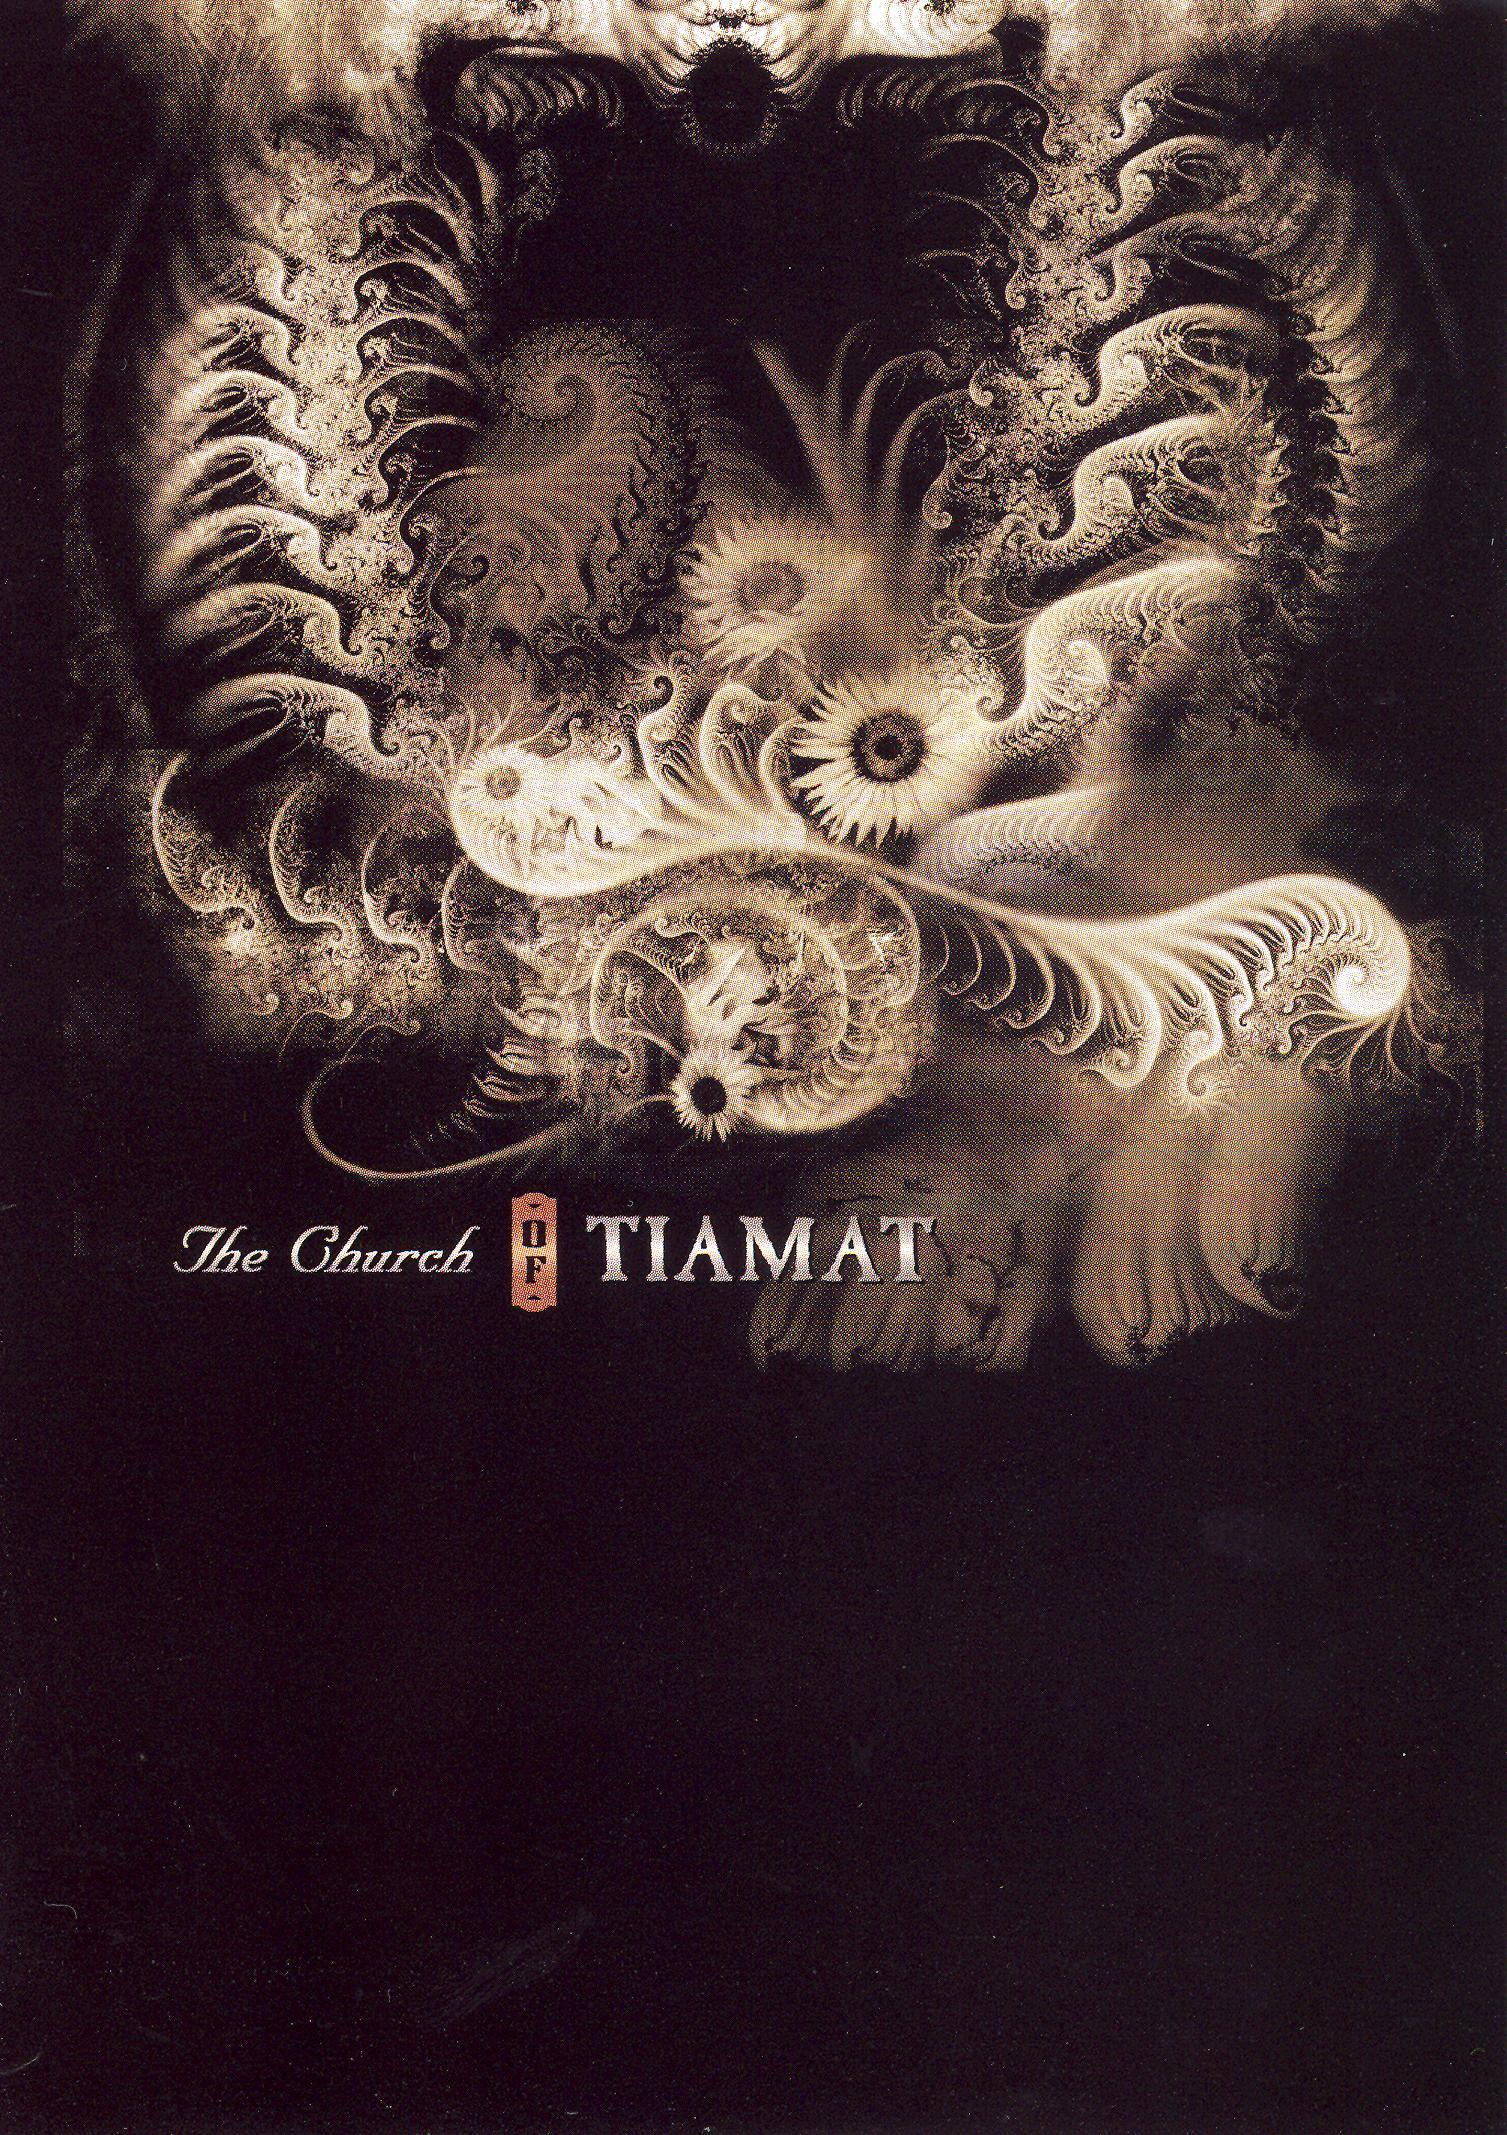 Tiamat: Church of Tiamat